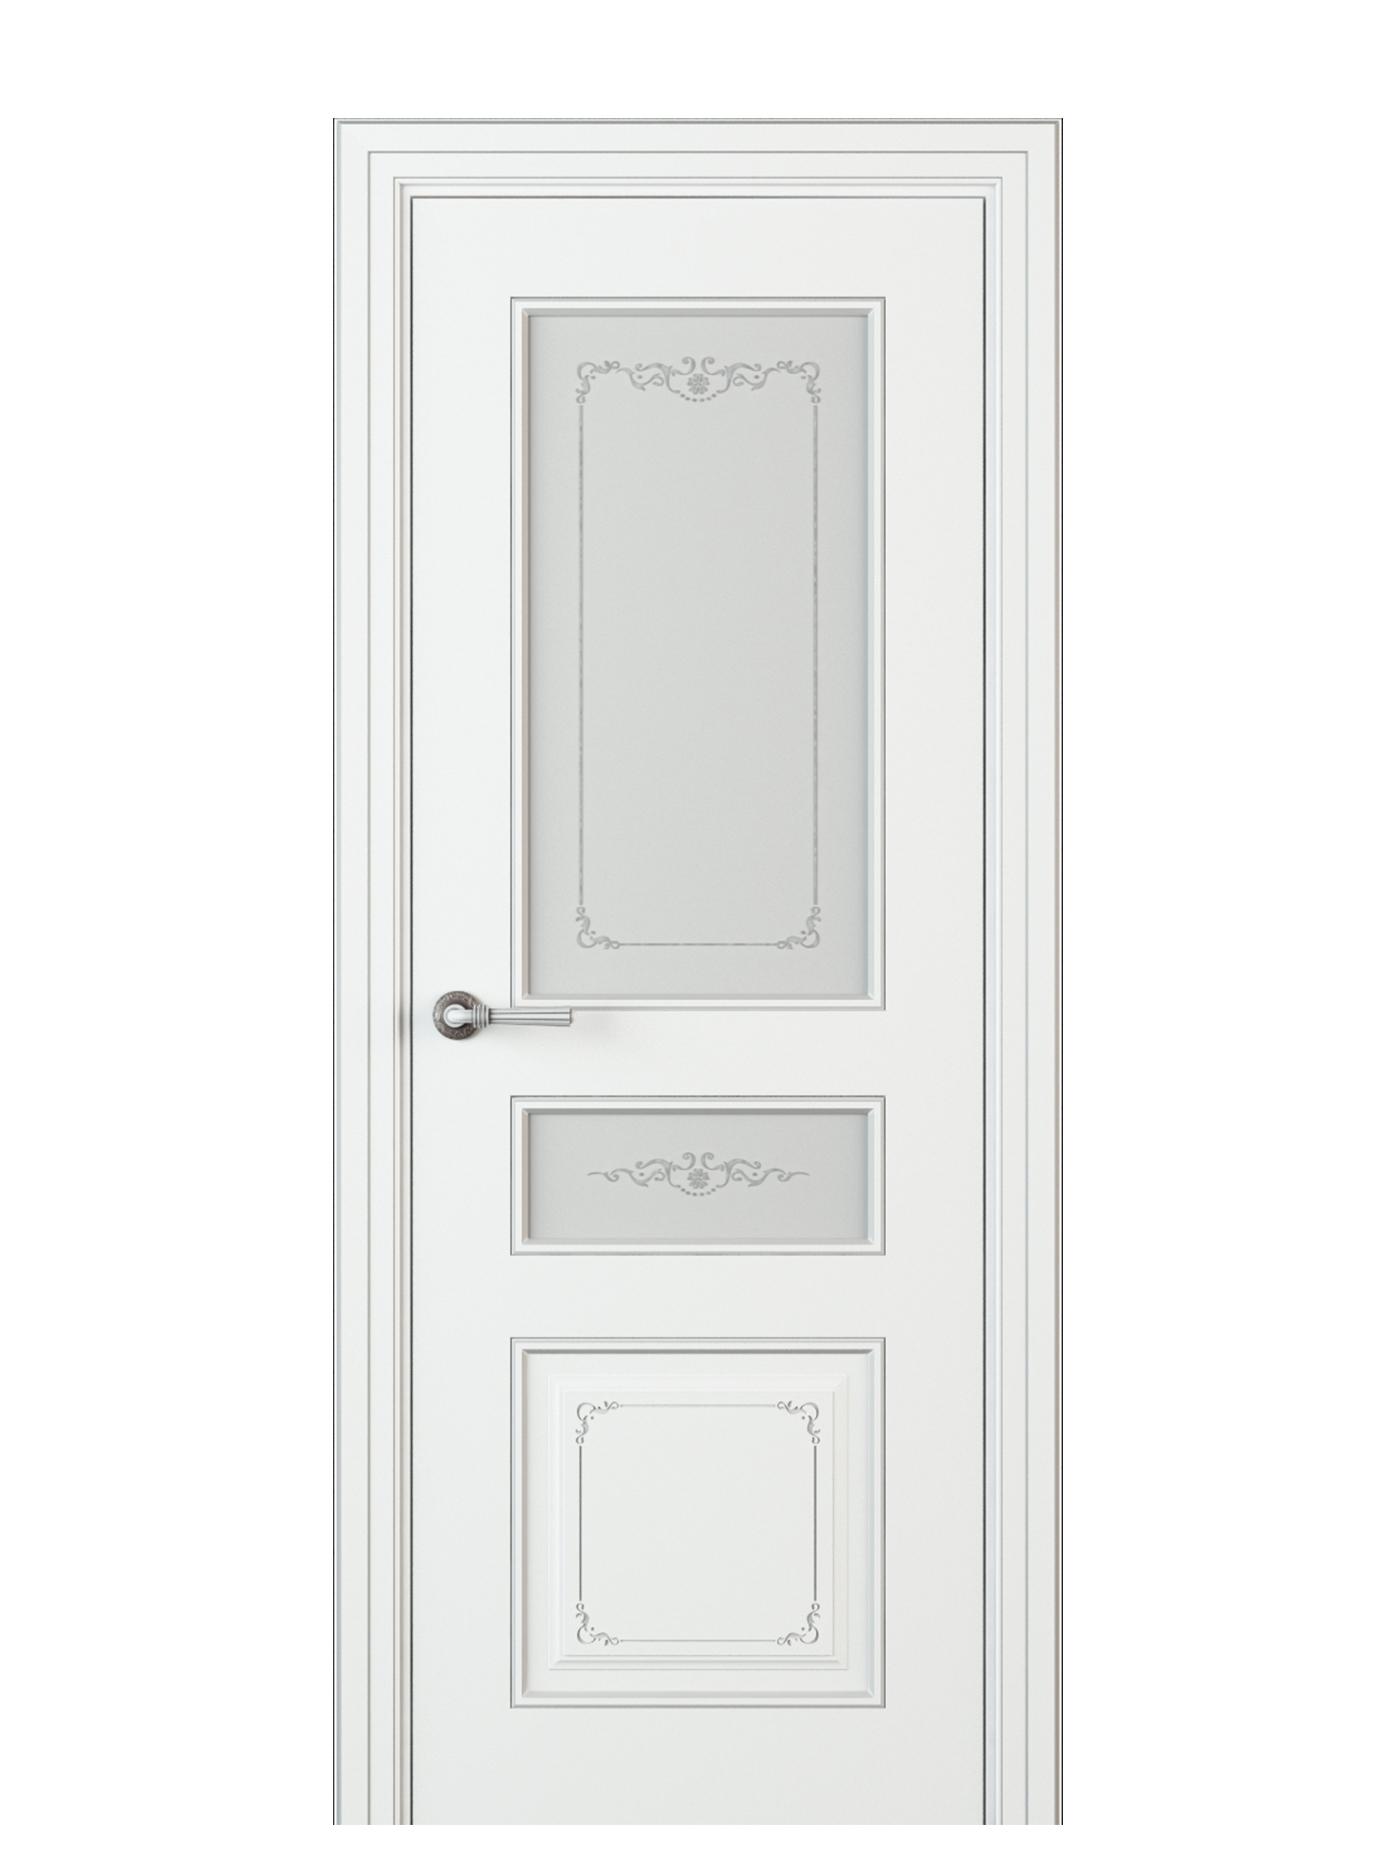 Image Fabrizia Vetro Duo Interior Door Italian Enamel White 0